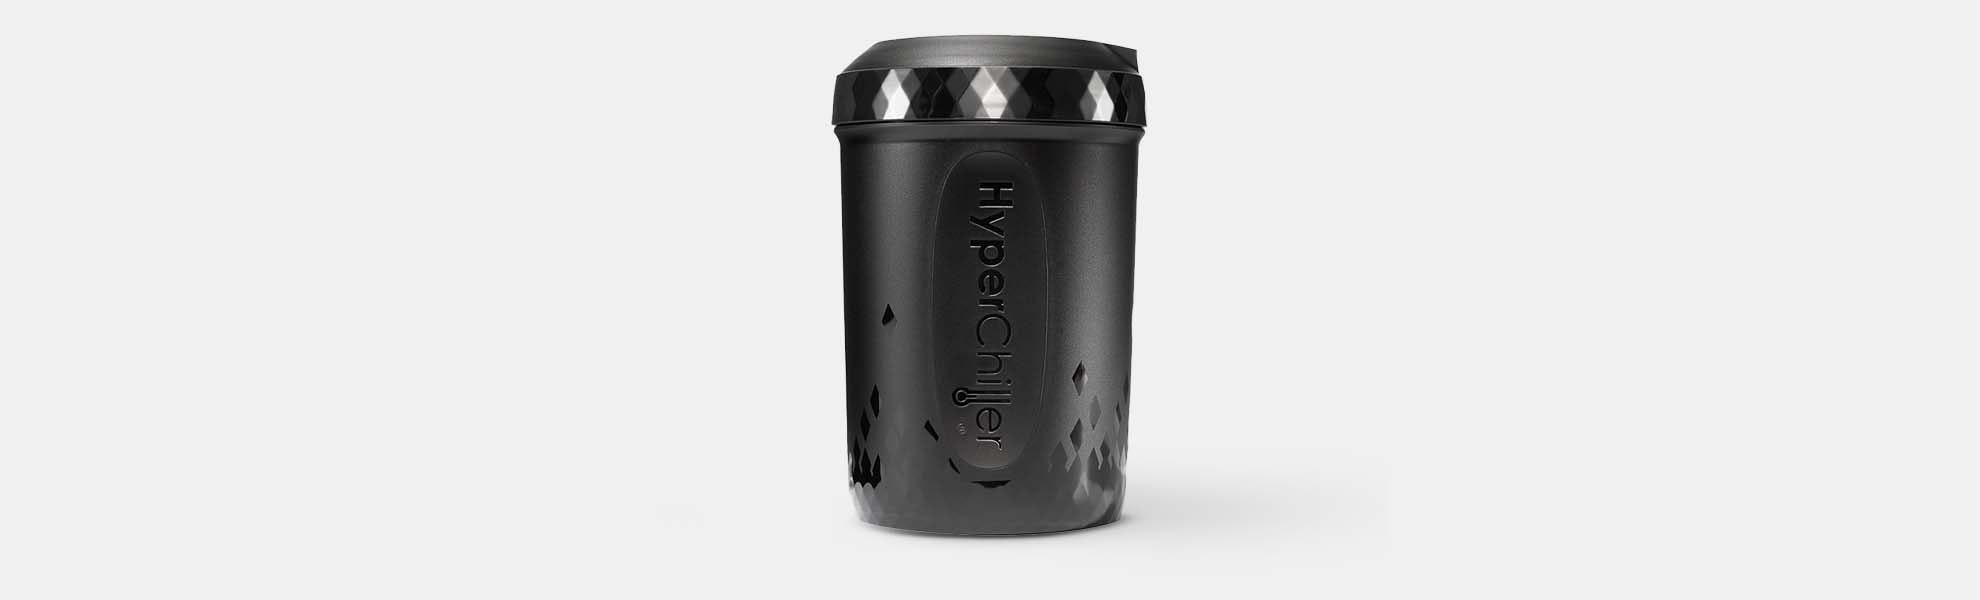 HyperChiller Beverage Cooler V2